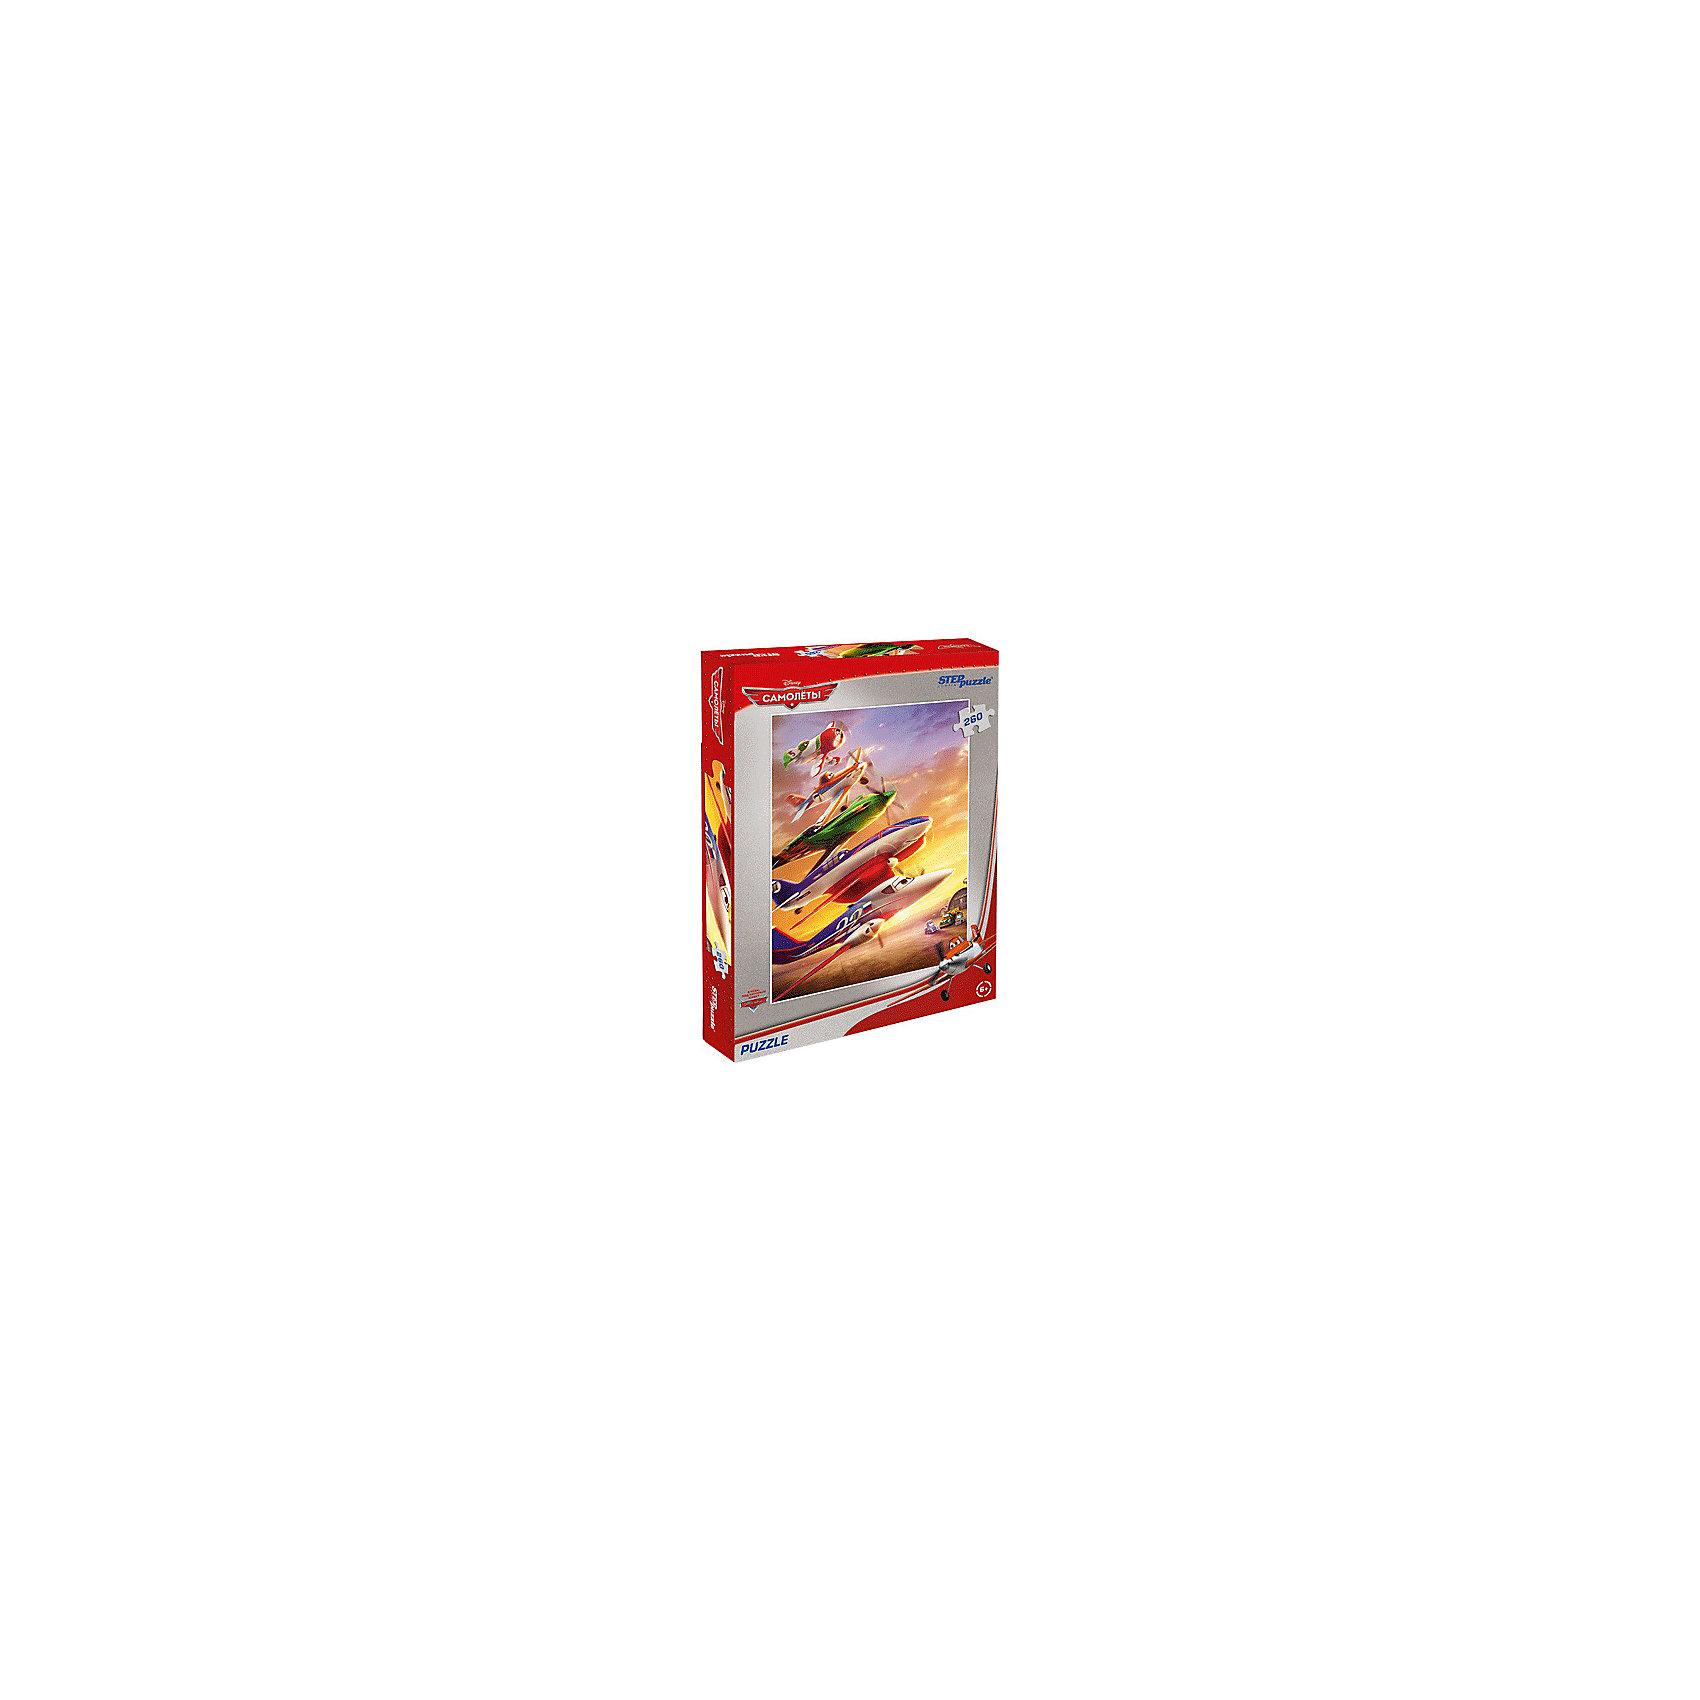 Степ Пазл Пазл Самолеты, 260 деталей, Step Puzzle пазл для раскрашивания арт терапия царь зверей origami 360 деталей